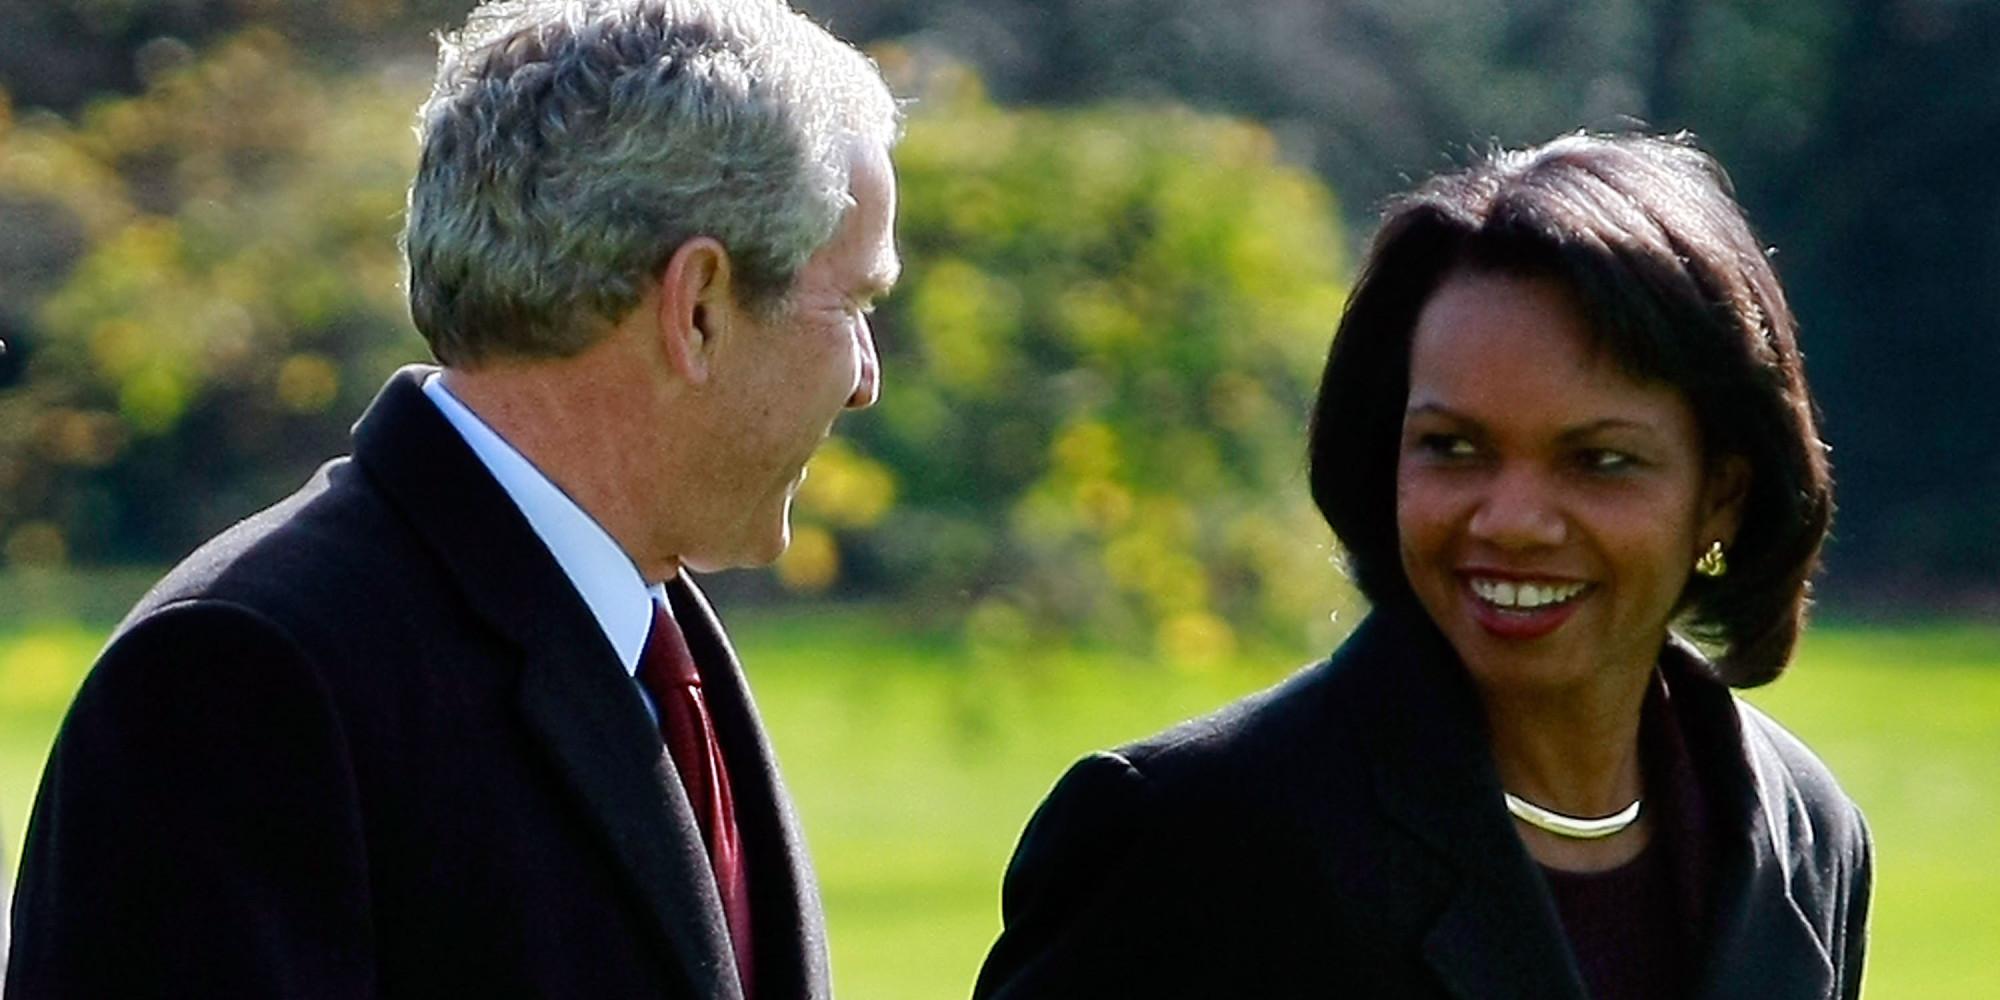 condoleezza rice and george bush relationship